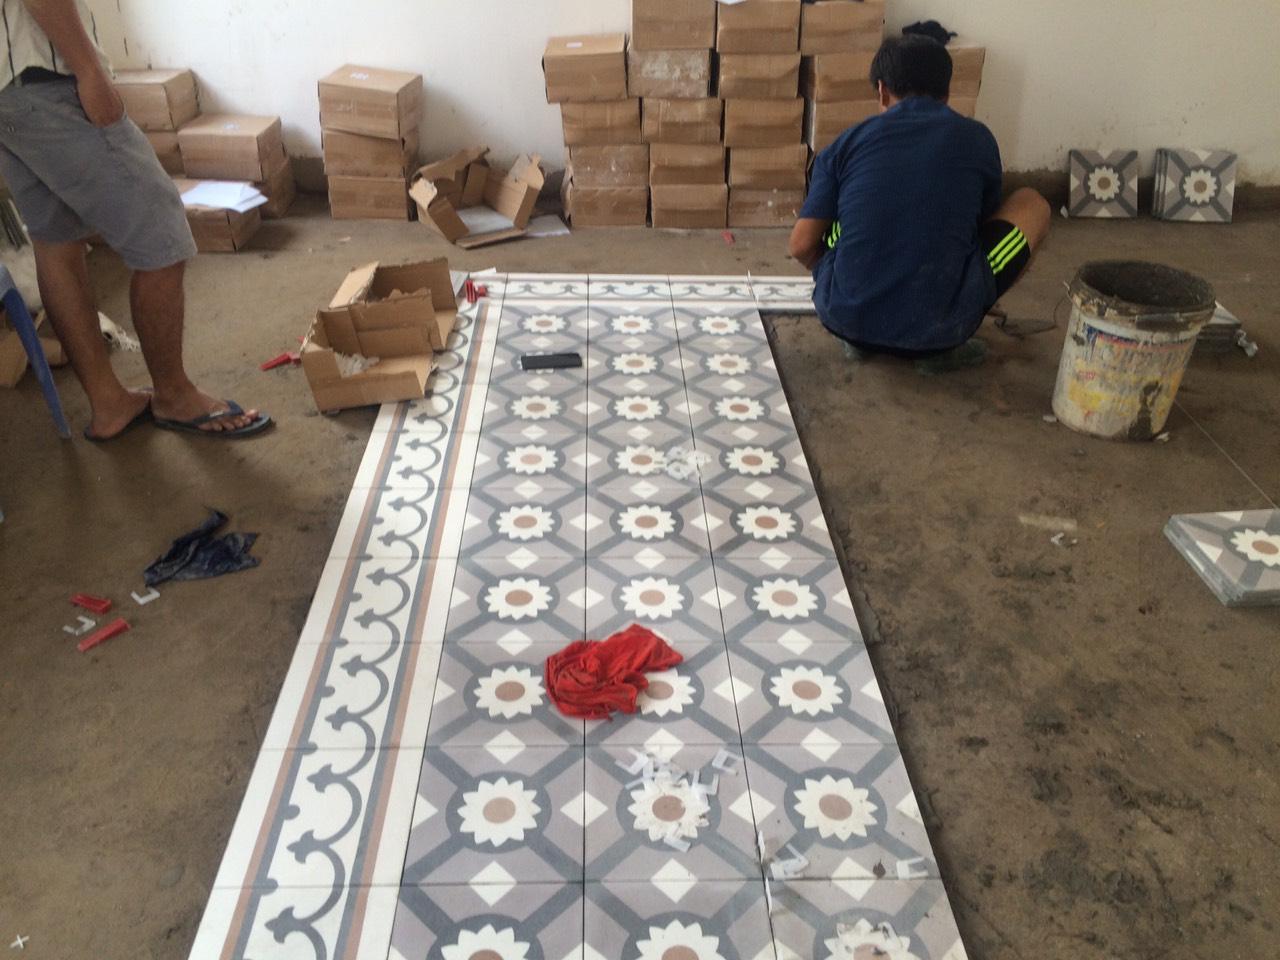 cải tạo sửa chữa nhà ở tại Đồng Nai